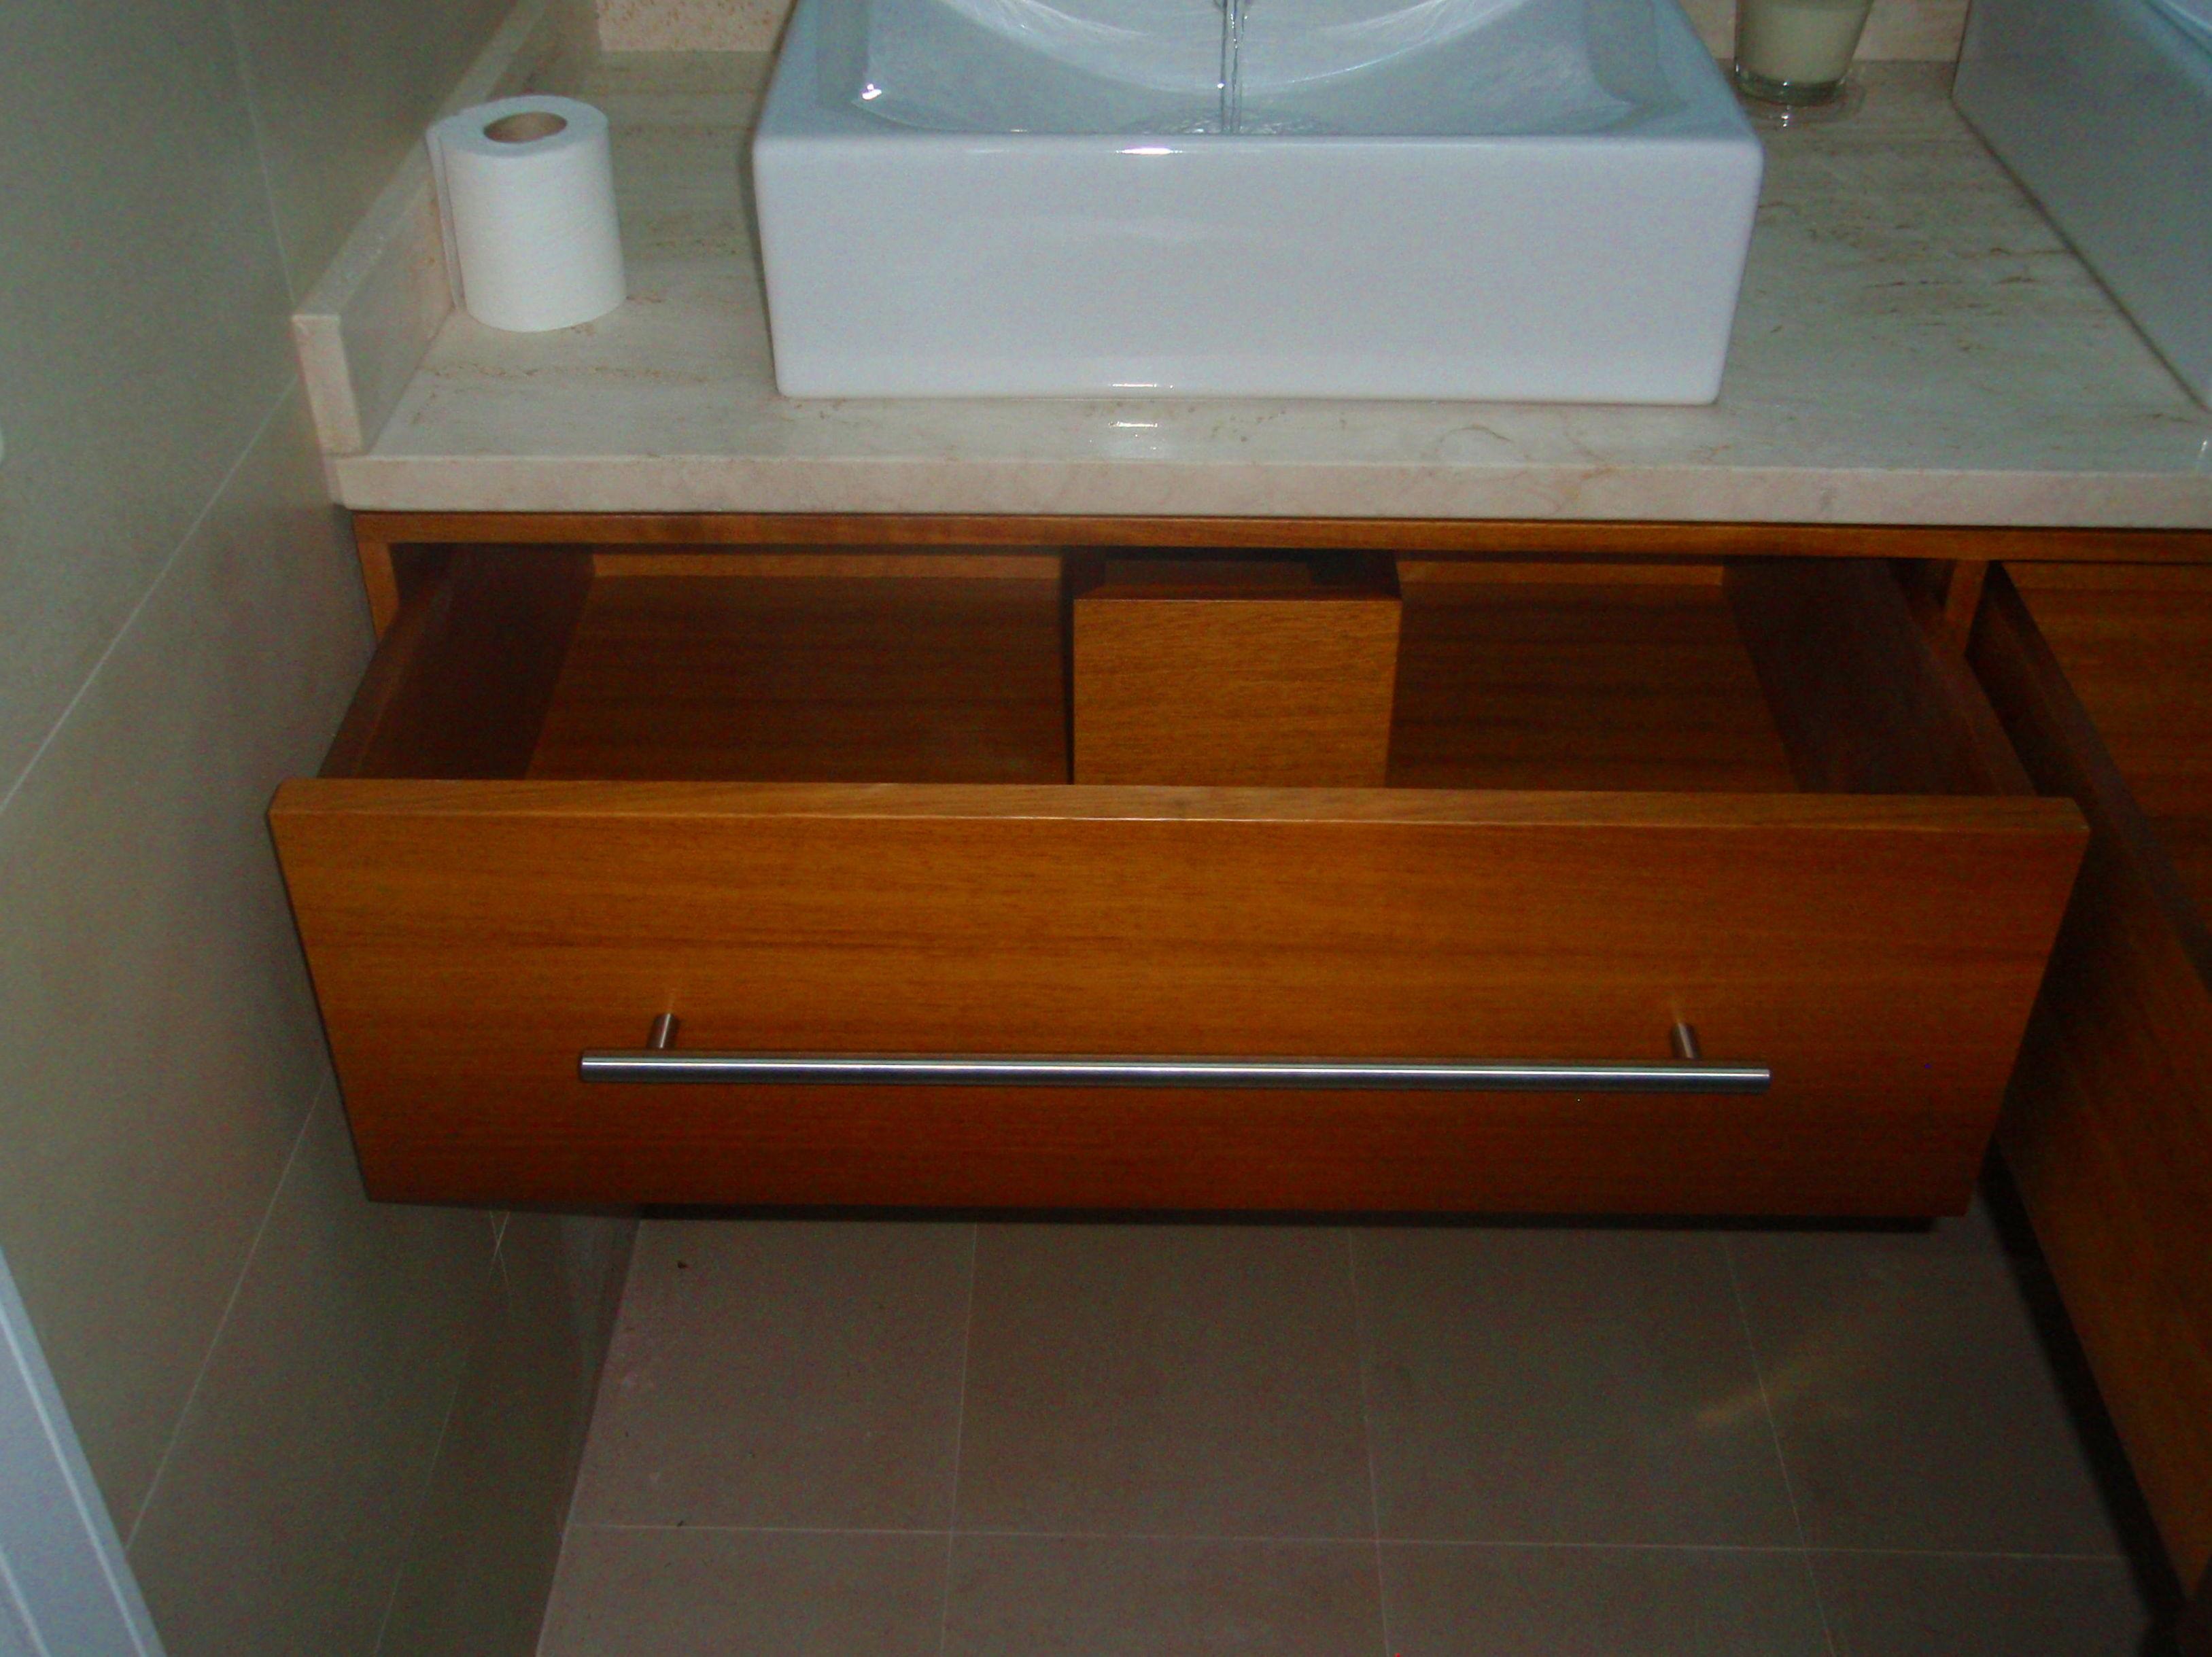 Mueble de baño de 1 seno